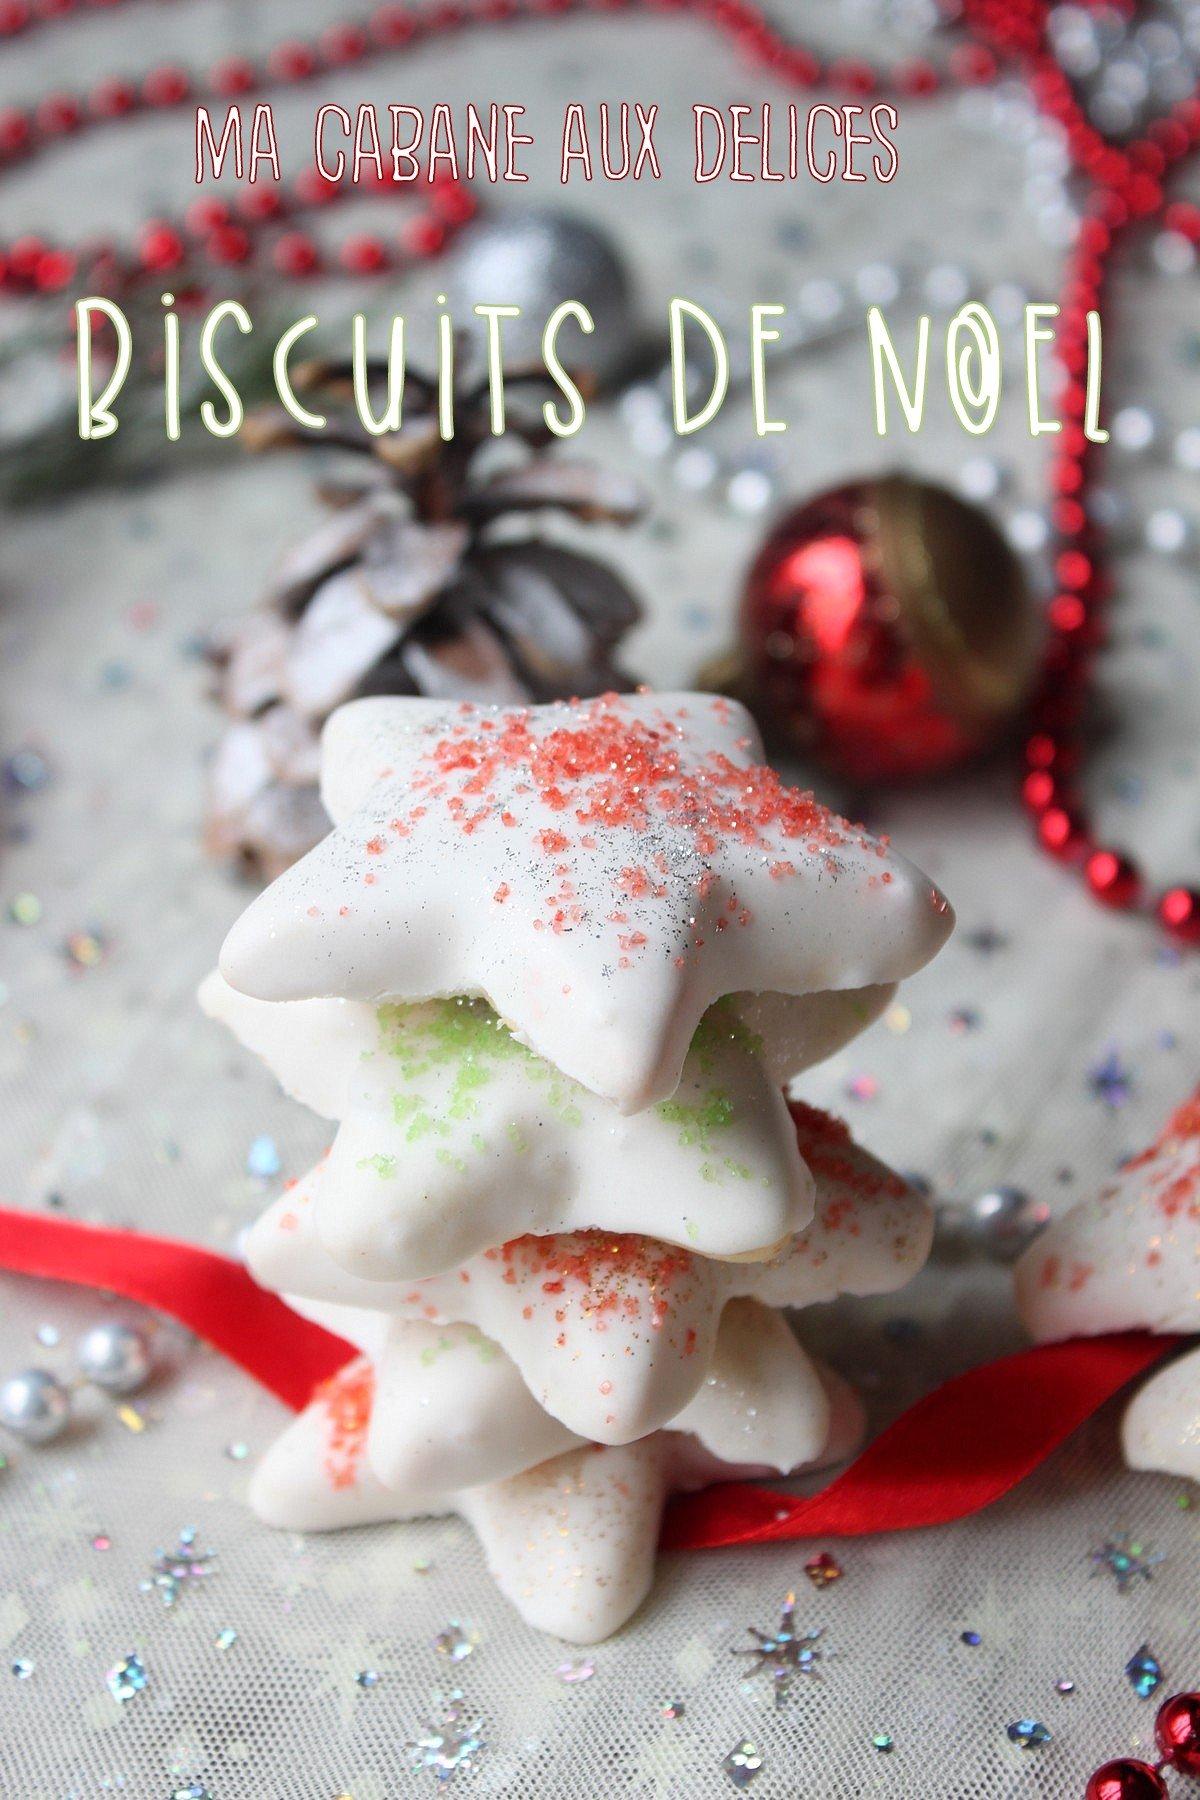 Biscuits de Noel bredele à la glace royale